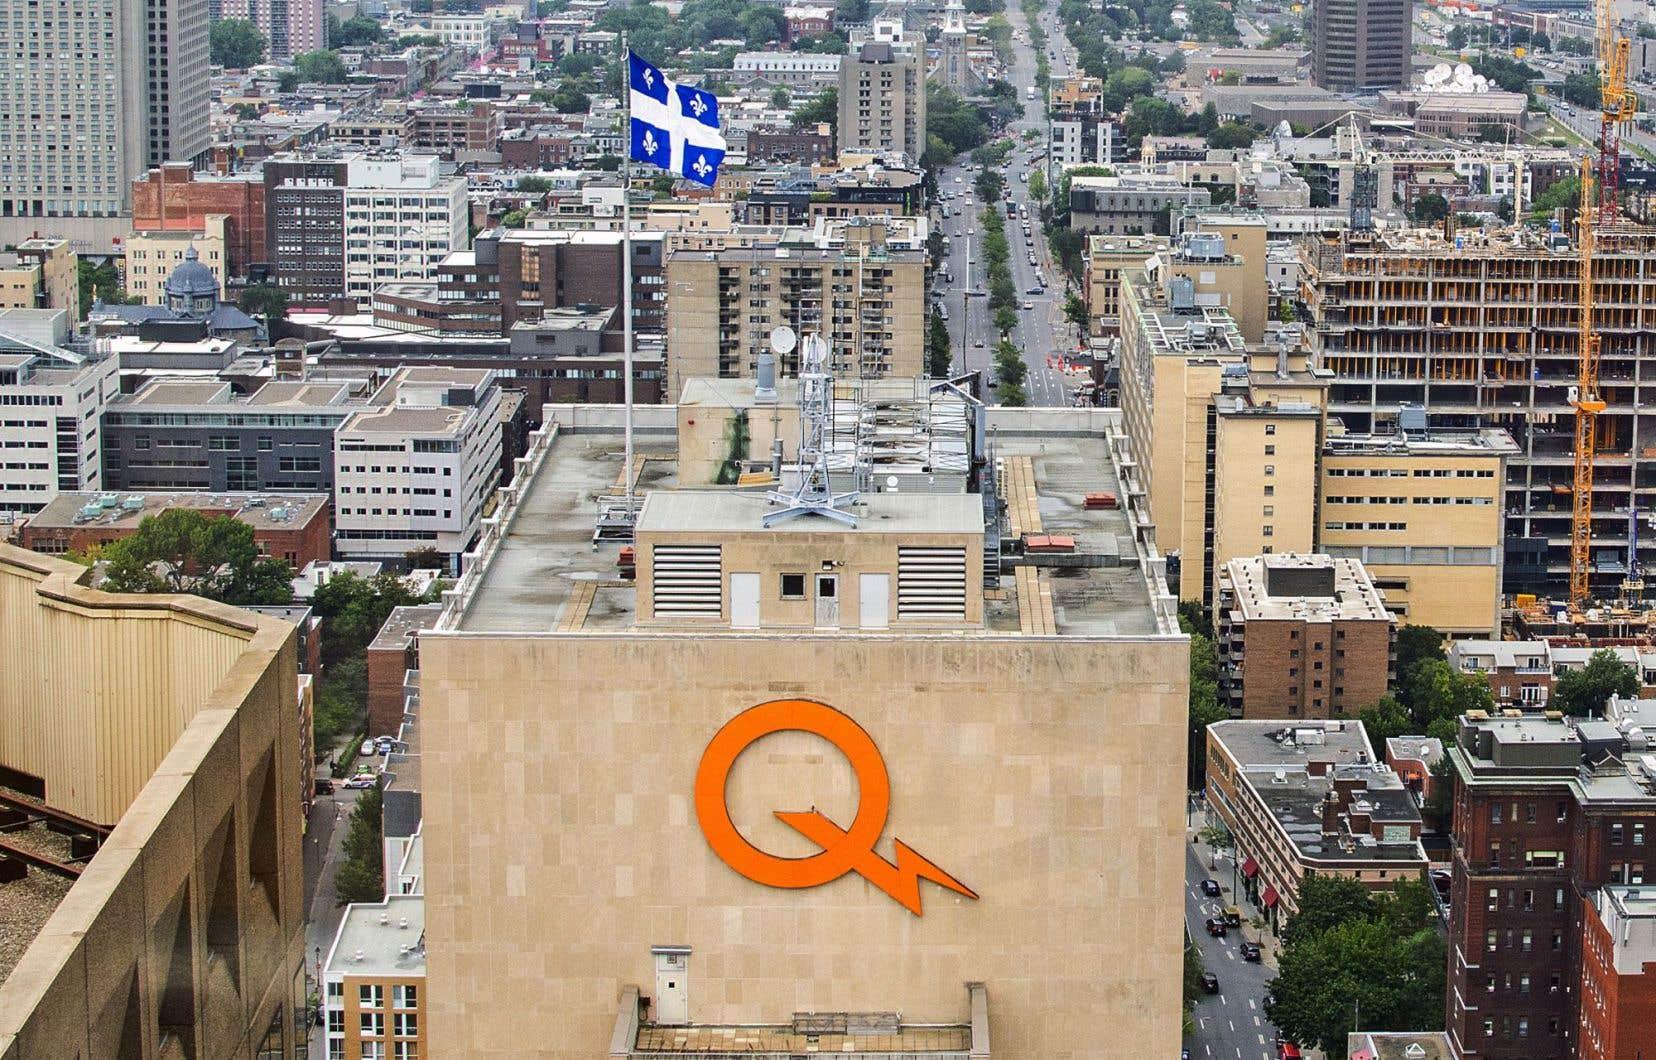 Hydro-Québec soutient que l'écart enregistré en 2016 est «modeste», parce qu'il représente une différence de 0,3% par rapport aux prévisions.